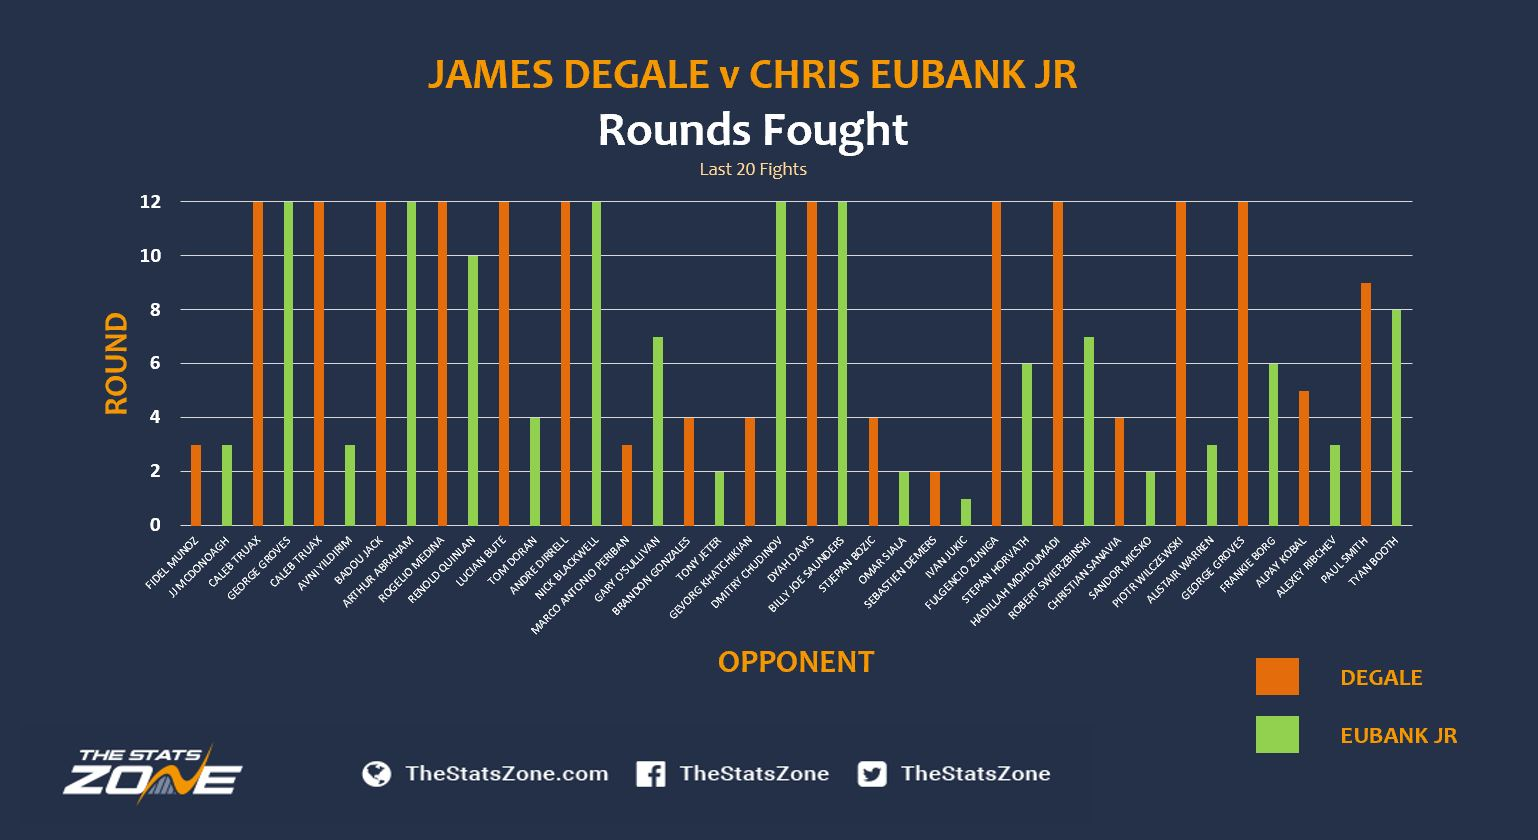 JD v CE Rounds Fought.JPG